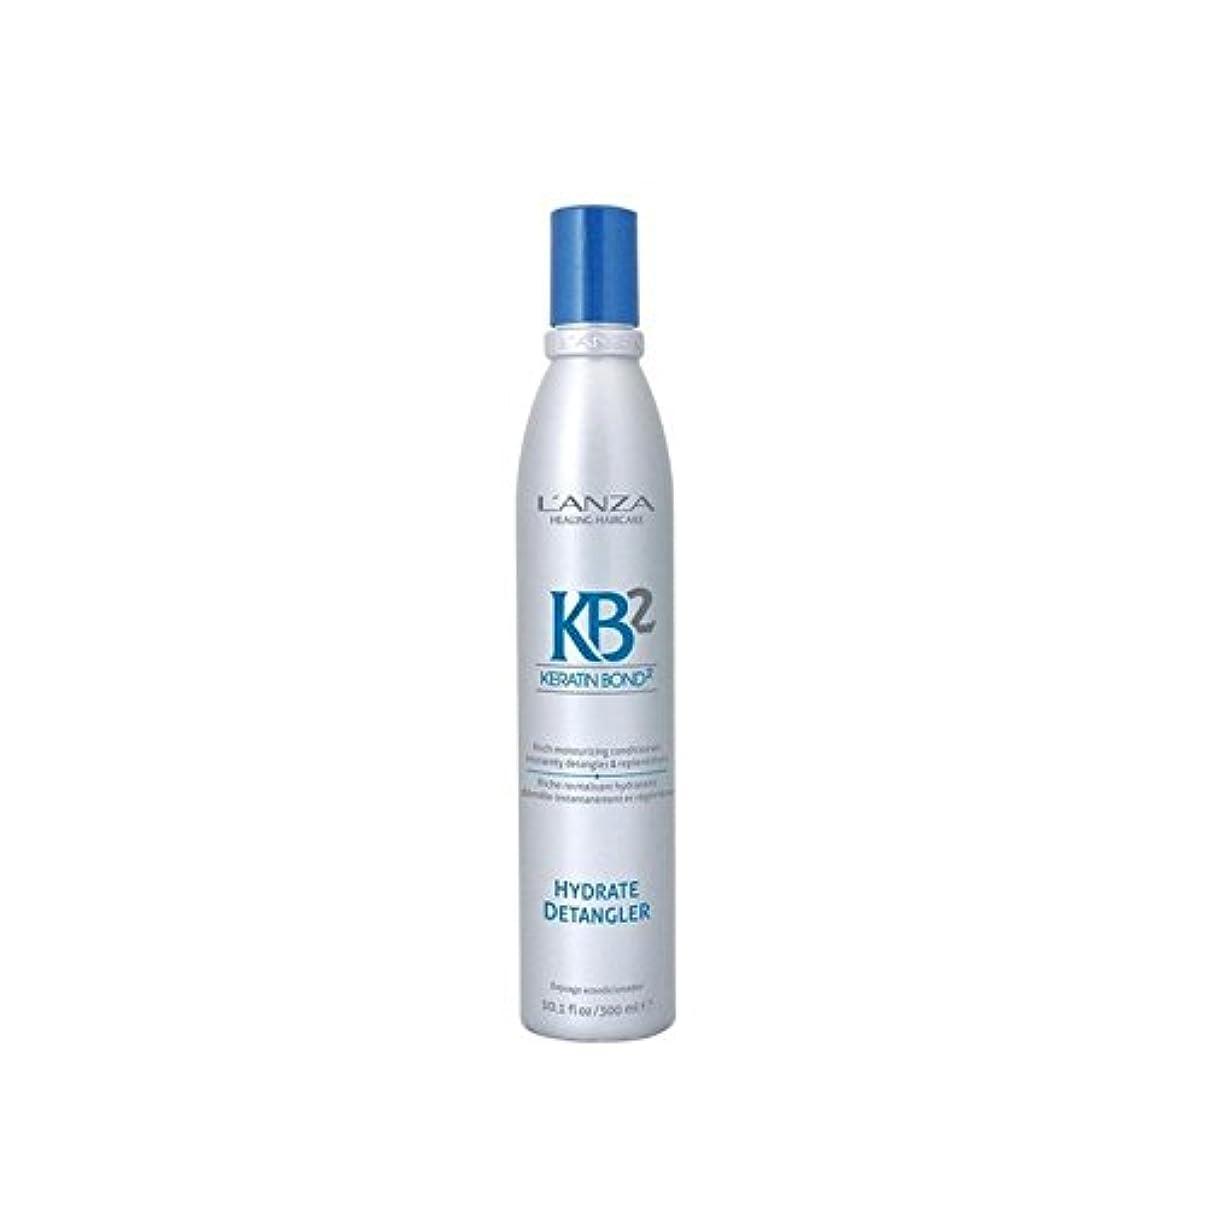 咲くフィードバックプロトタイプアンザ2和物(300ミリリットル) x4 - L'Anza Kb2 Hydrate Detangler (300ml) (Pack of 4) [並行輸入品]